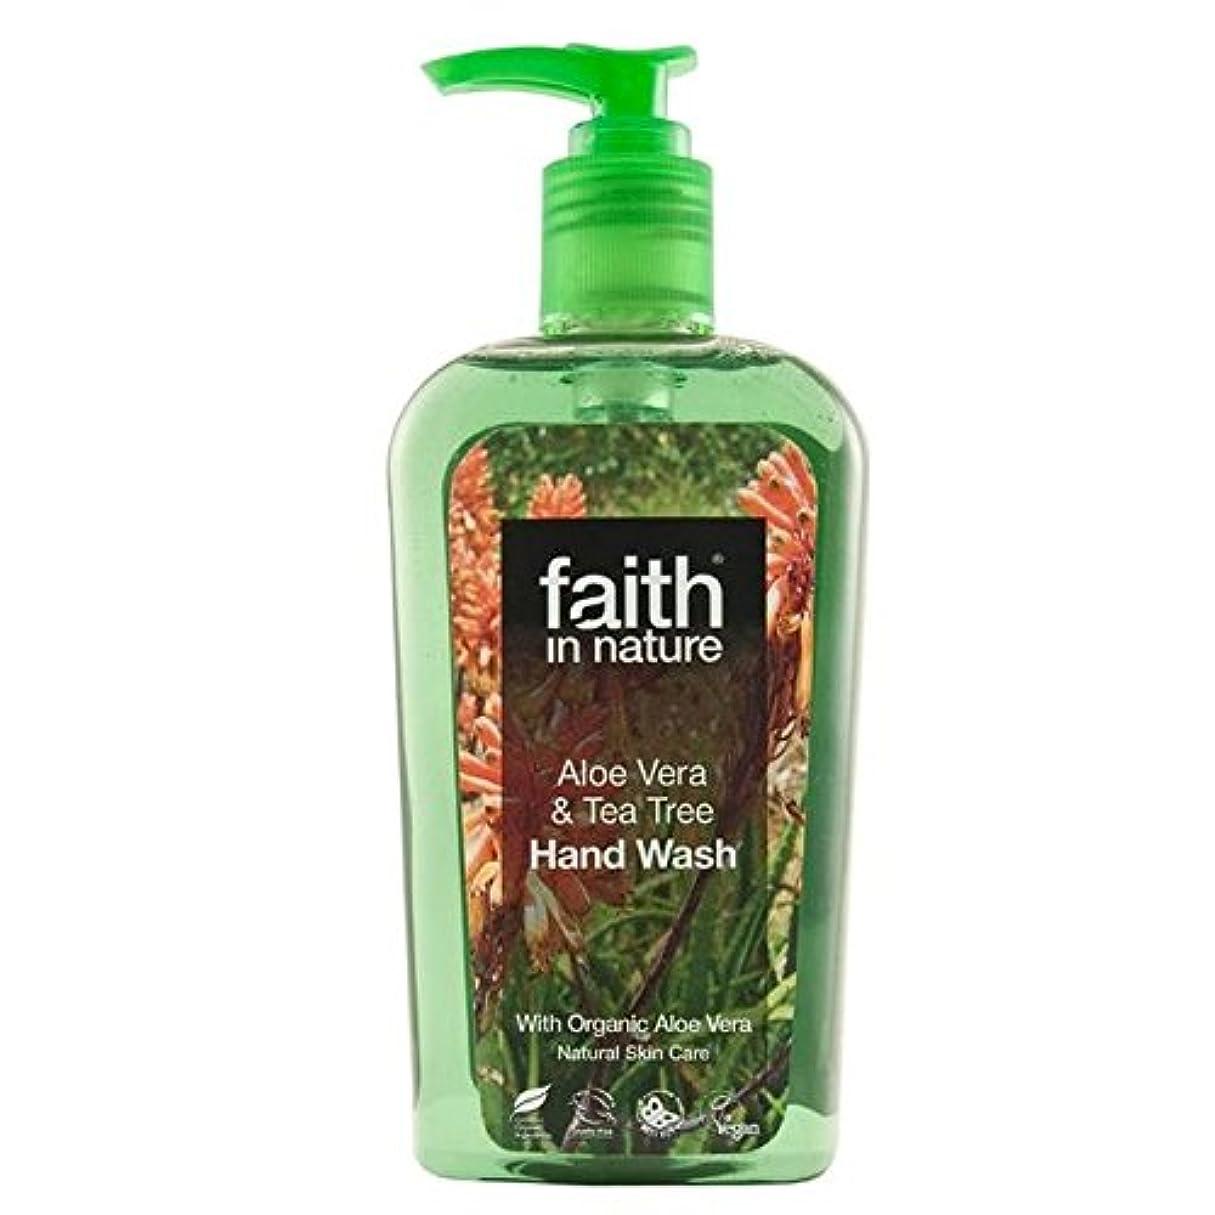 密かなり透けて見えるFaith in Nature Aloe Vera & Tea Tree Handwash 300ml - (Faith In Nature) 自然のアロエベラ&ティーツリー手洗いの300ミリリットルの信仰 [並行輸入品]